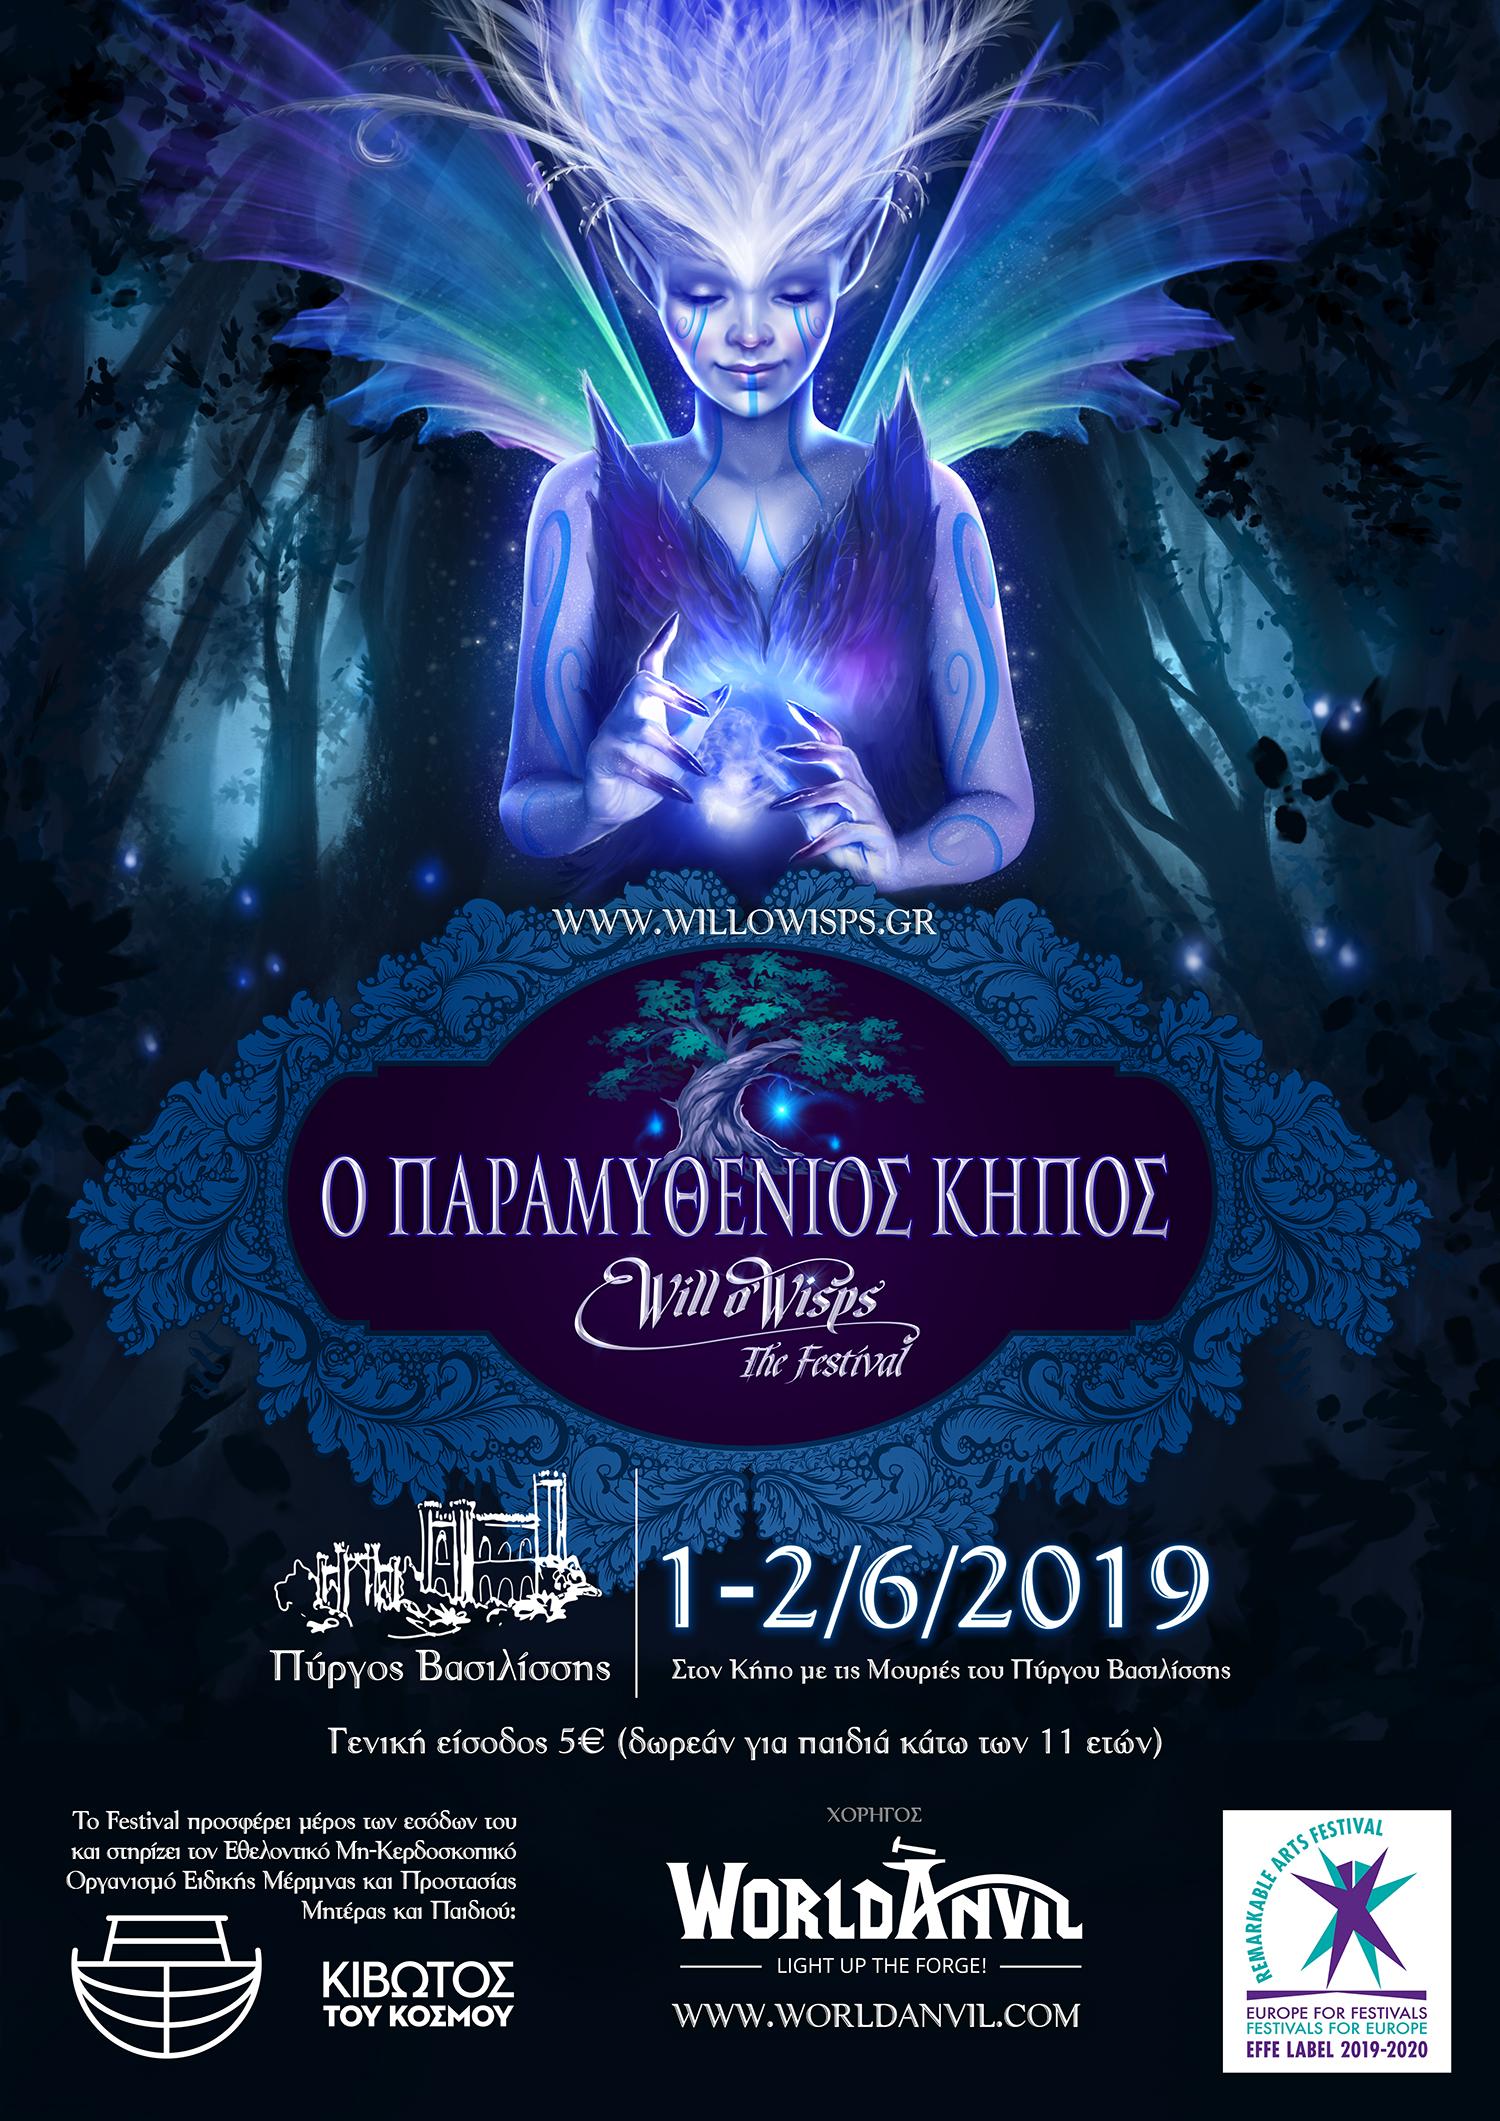 Αφίσα - Ο Παραμυθένιος Κήπος 2019.jpg